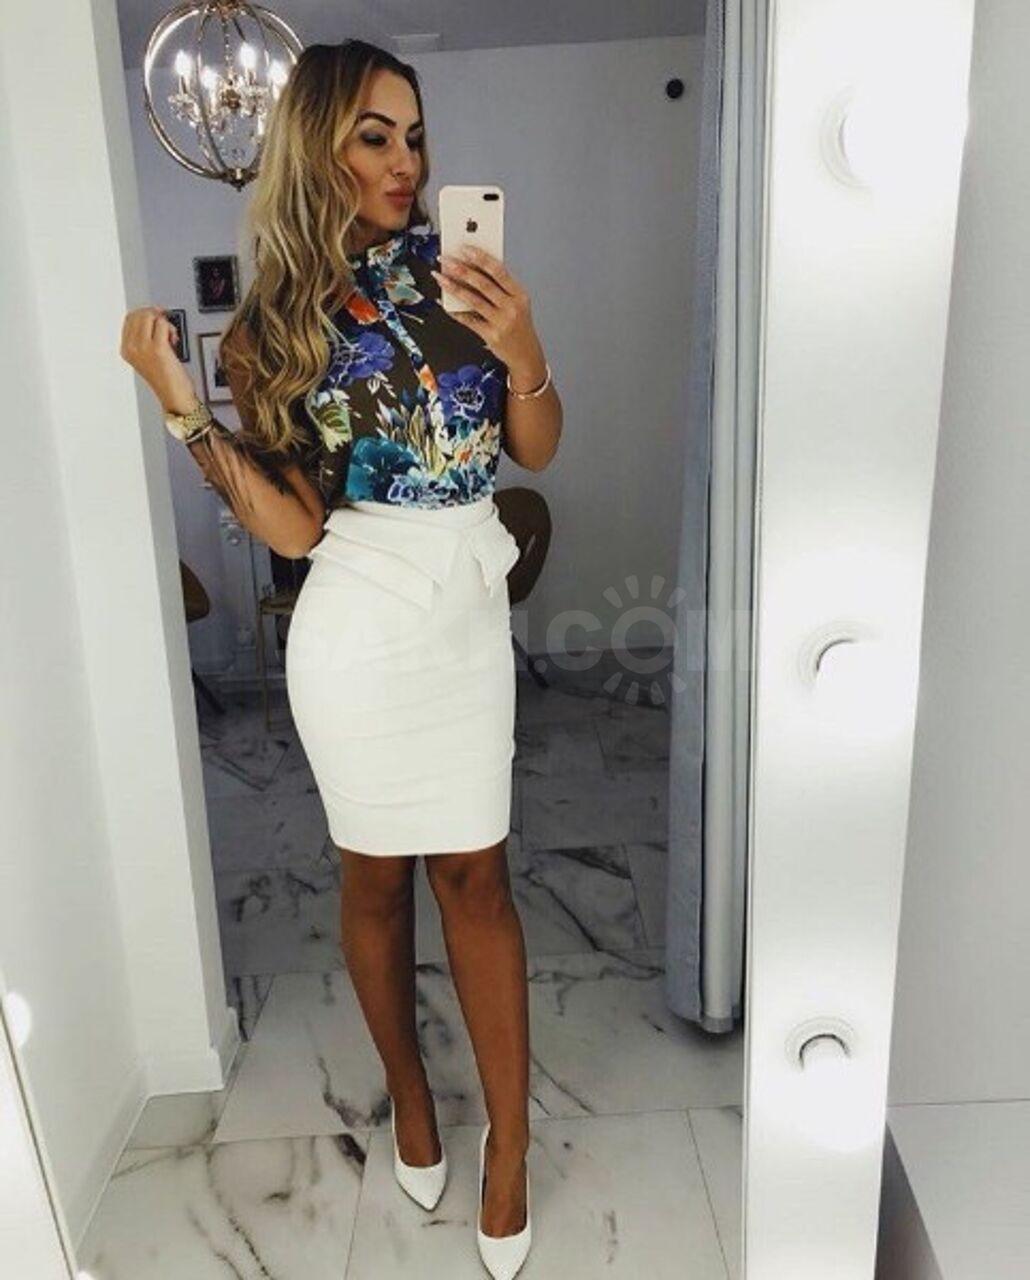 11fd84408f1 Белая юбка с баской - 3500 руб. Одежда